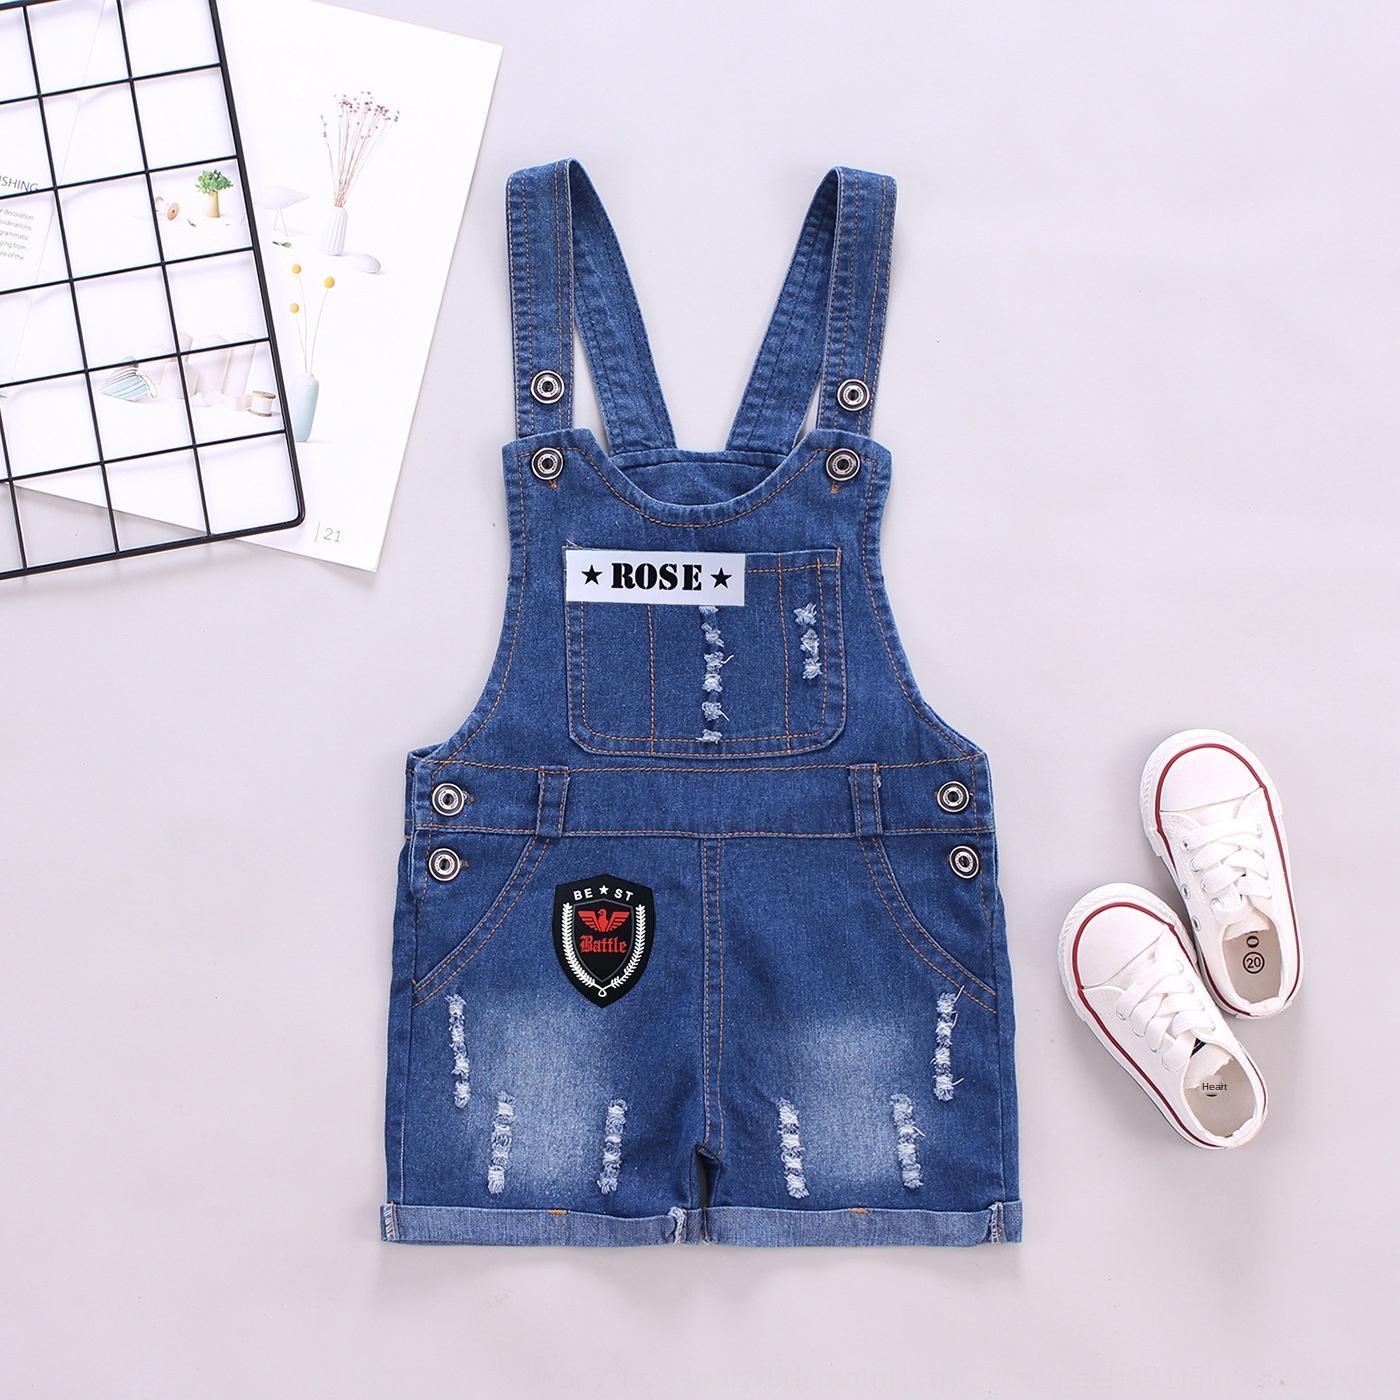 pantalon d'été pantalon bébé Sling short culotte style coréen casual pantalon denim jarretelle enfants Vêtements pour enfants